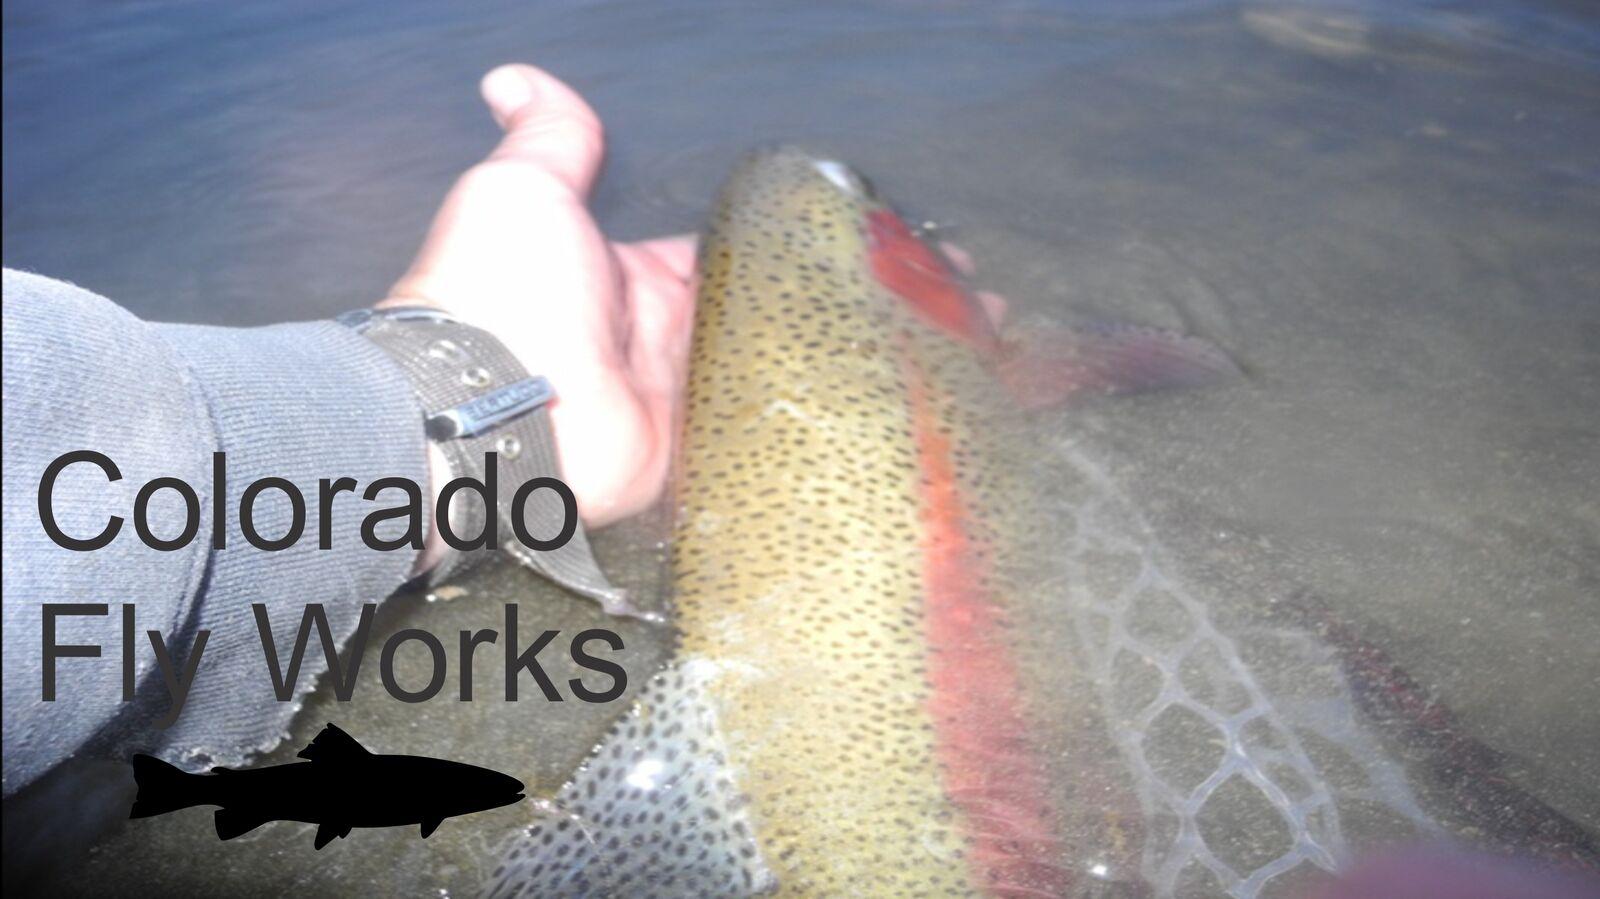 ColoradoFlyWorks